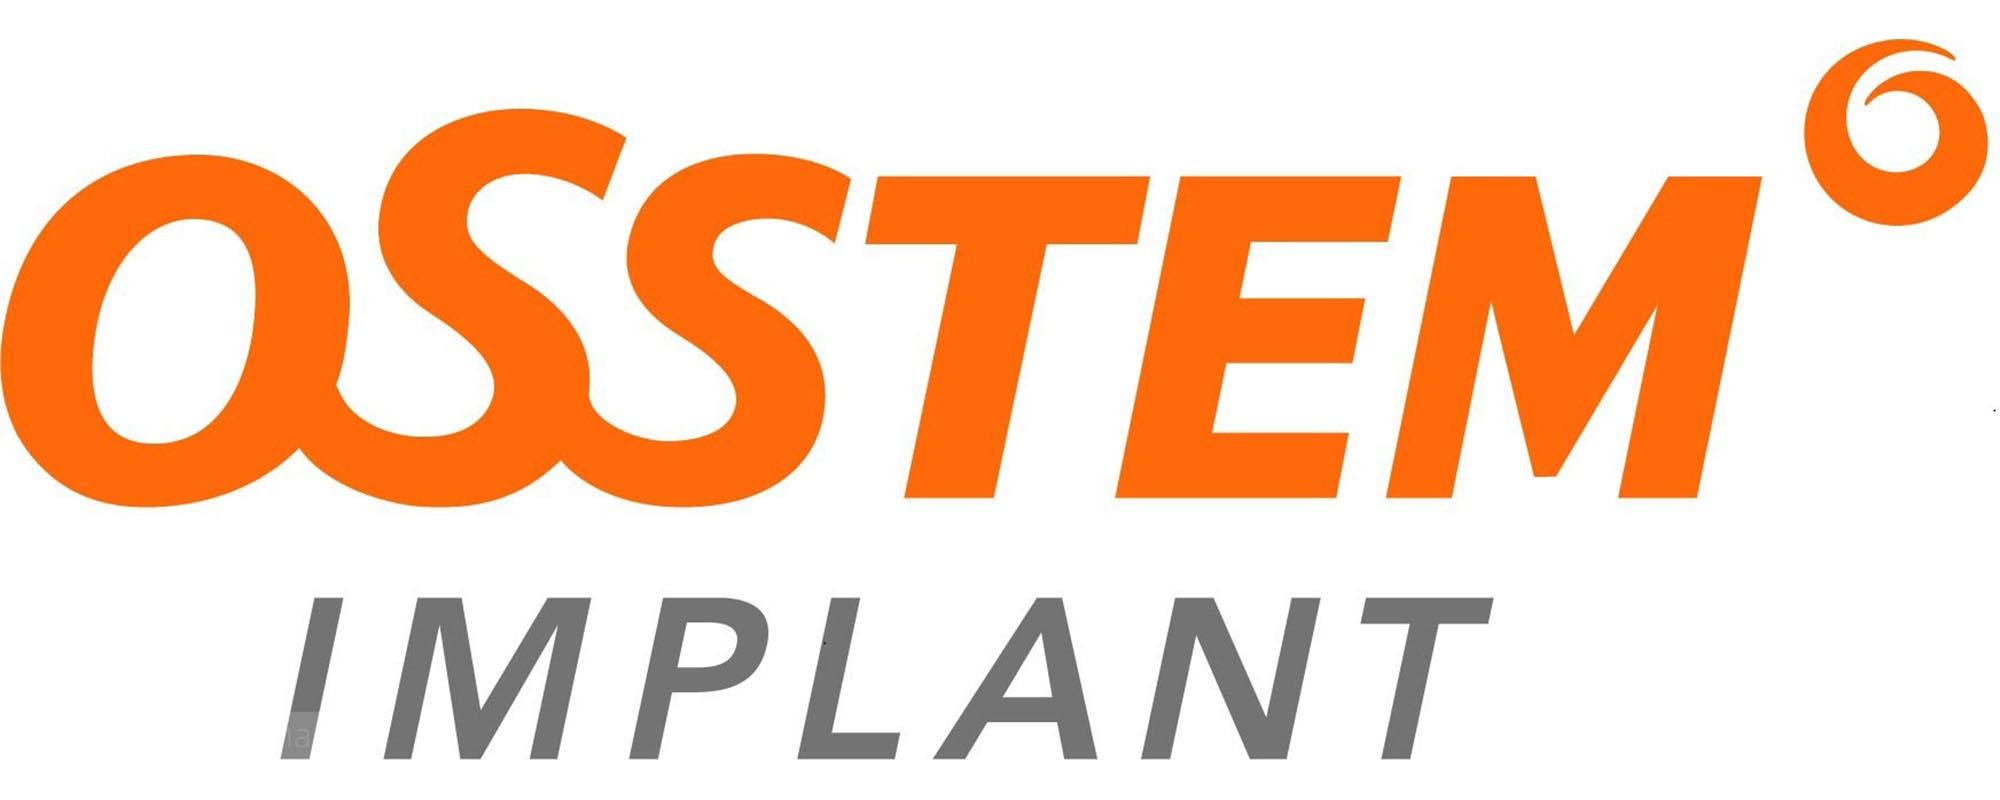 Импланты Osstem